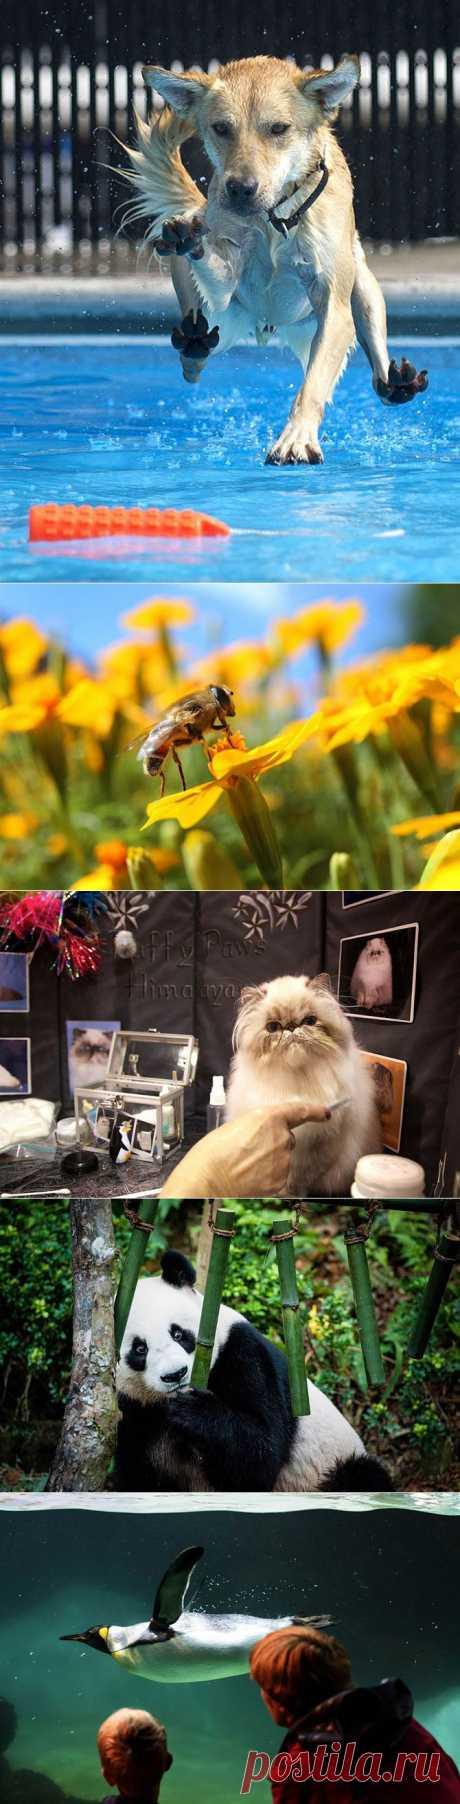 Животные в фотографиях | Fresher - Лучшее из Рунета за день